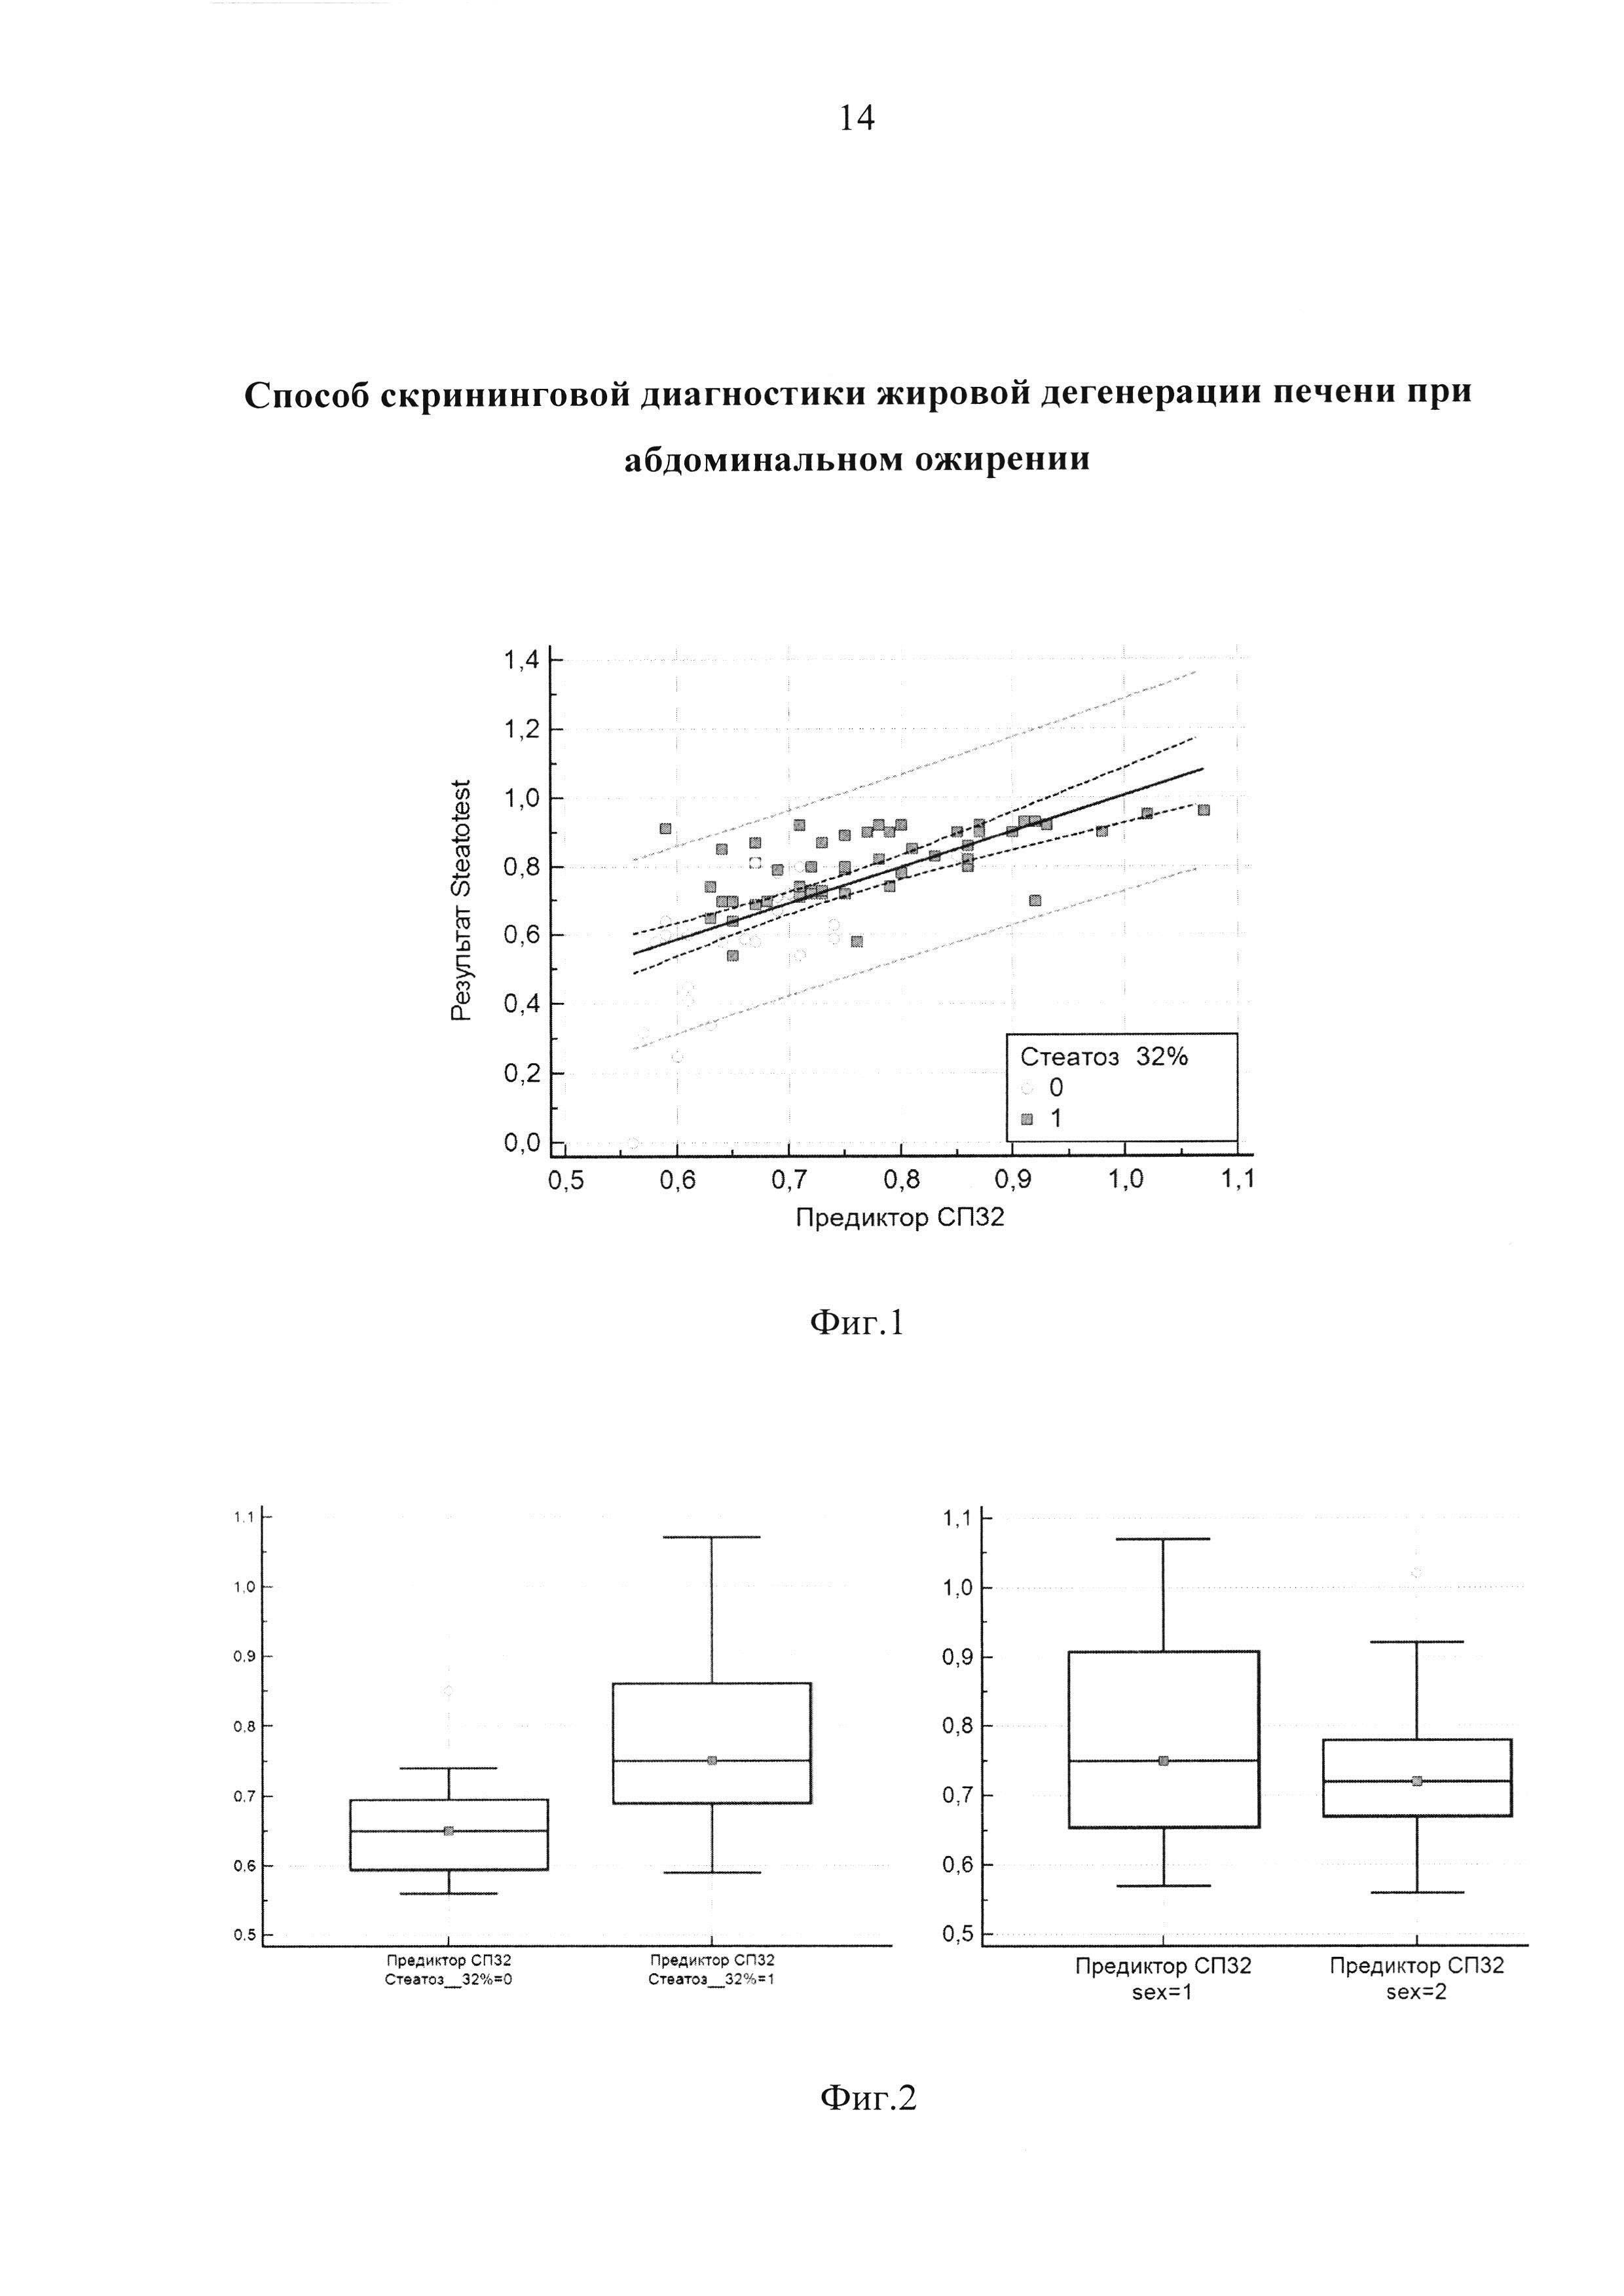 Способ скрининговой диагностики жировой дегенерации печени при абдоминальном ожирении